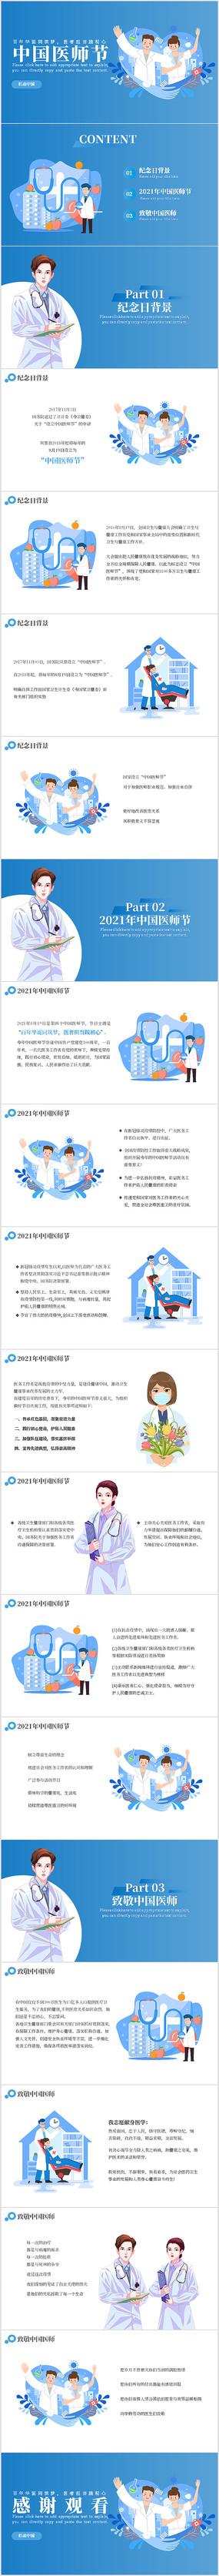 蓝色扁平插画风中国医师节PPT模板